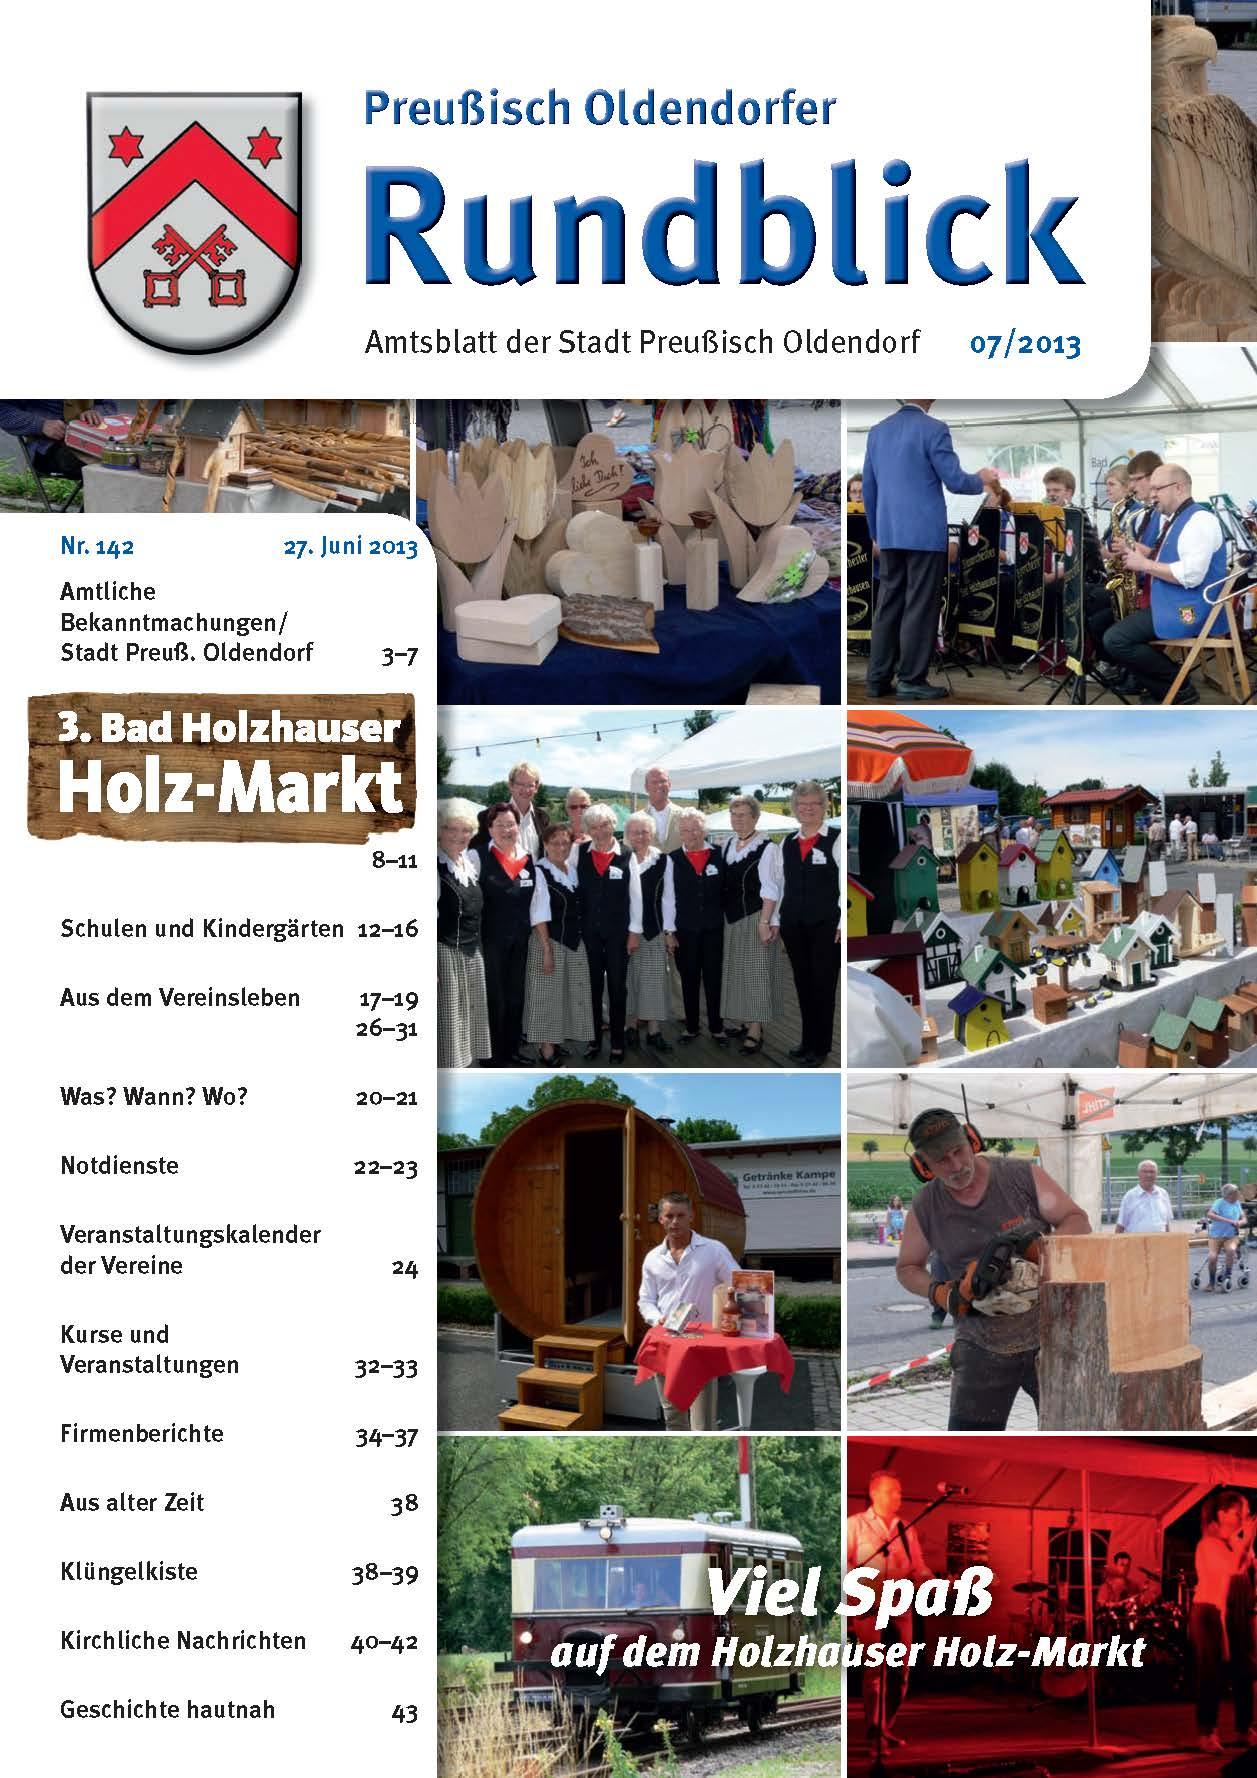 Rundblick 7-2013